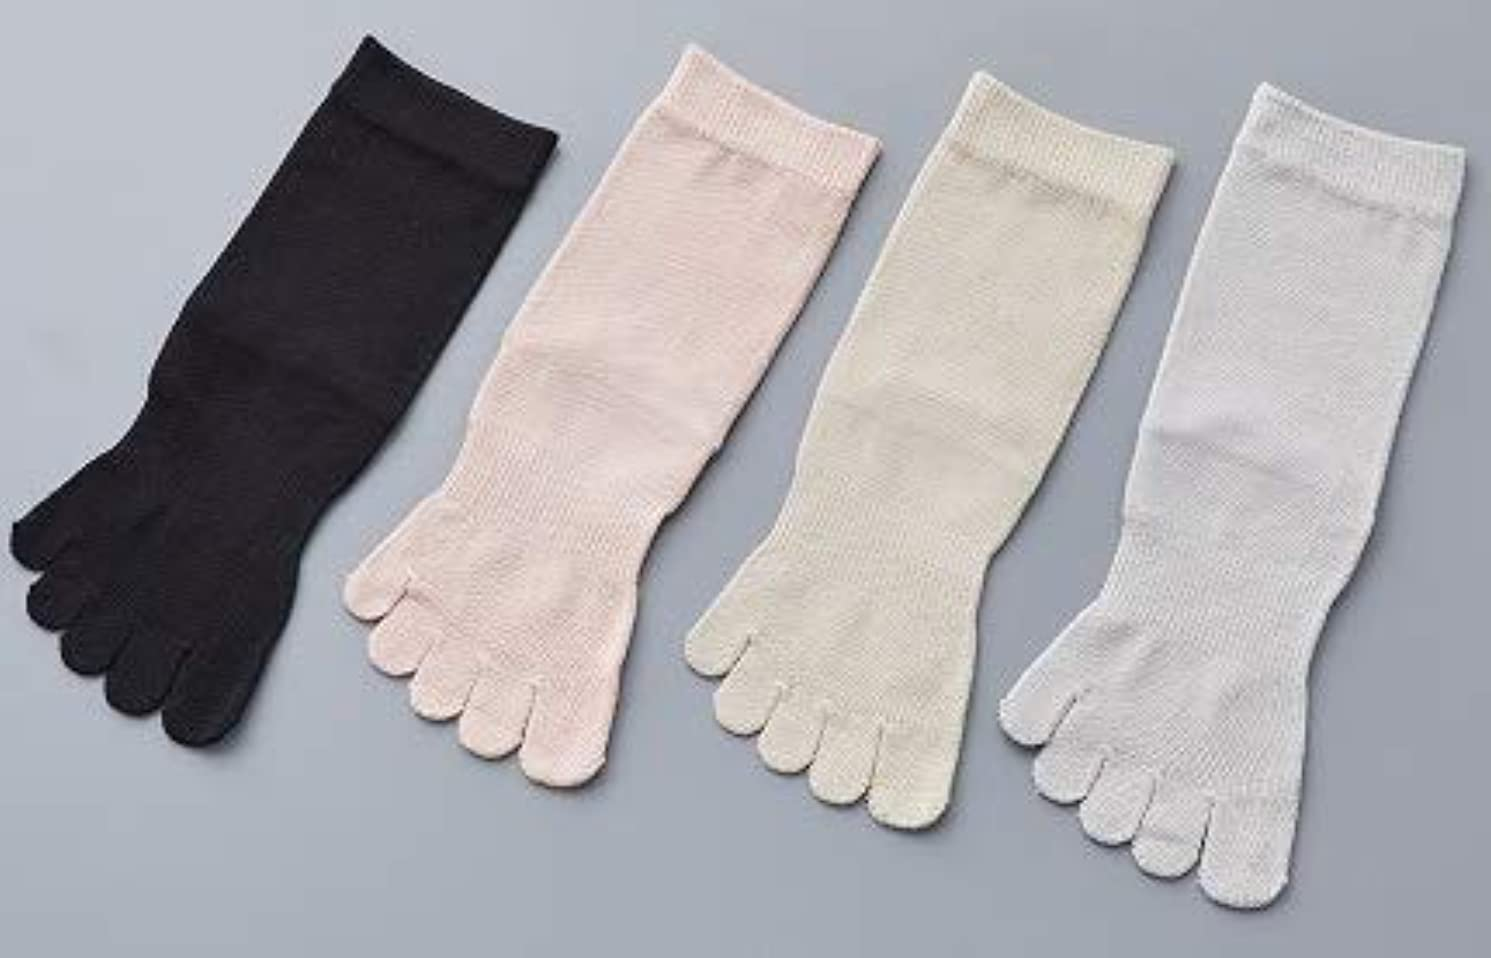 拮抗するトレーダーソフトウェア婦人 シルク 5本指 靴 下最高級 シルク100% 使用 プレゼントに最適 22-24cm 太陽ニット S90 (グレー)